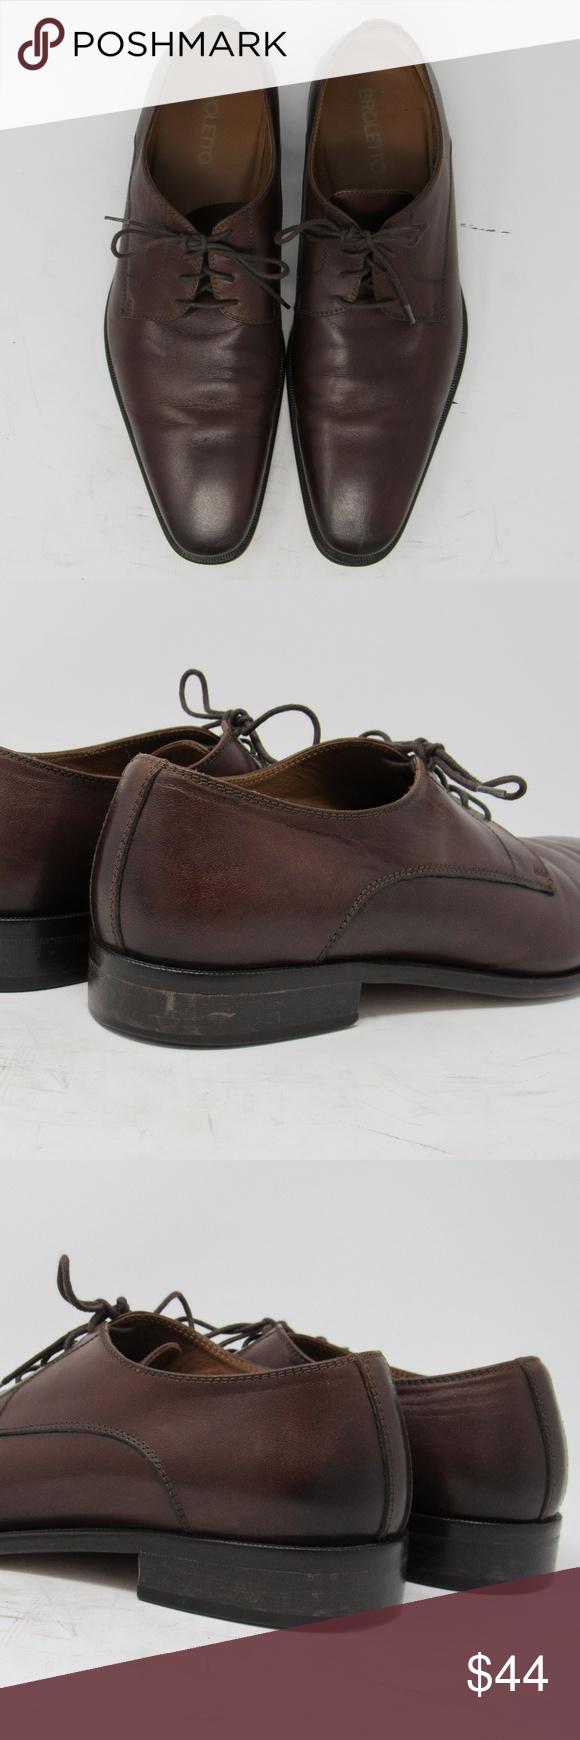 0a2e5e42981 🇮🇹 Broletto  David  derby shoe mens size 9M